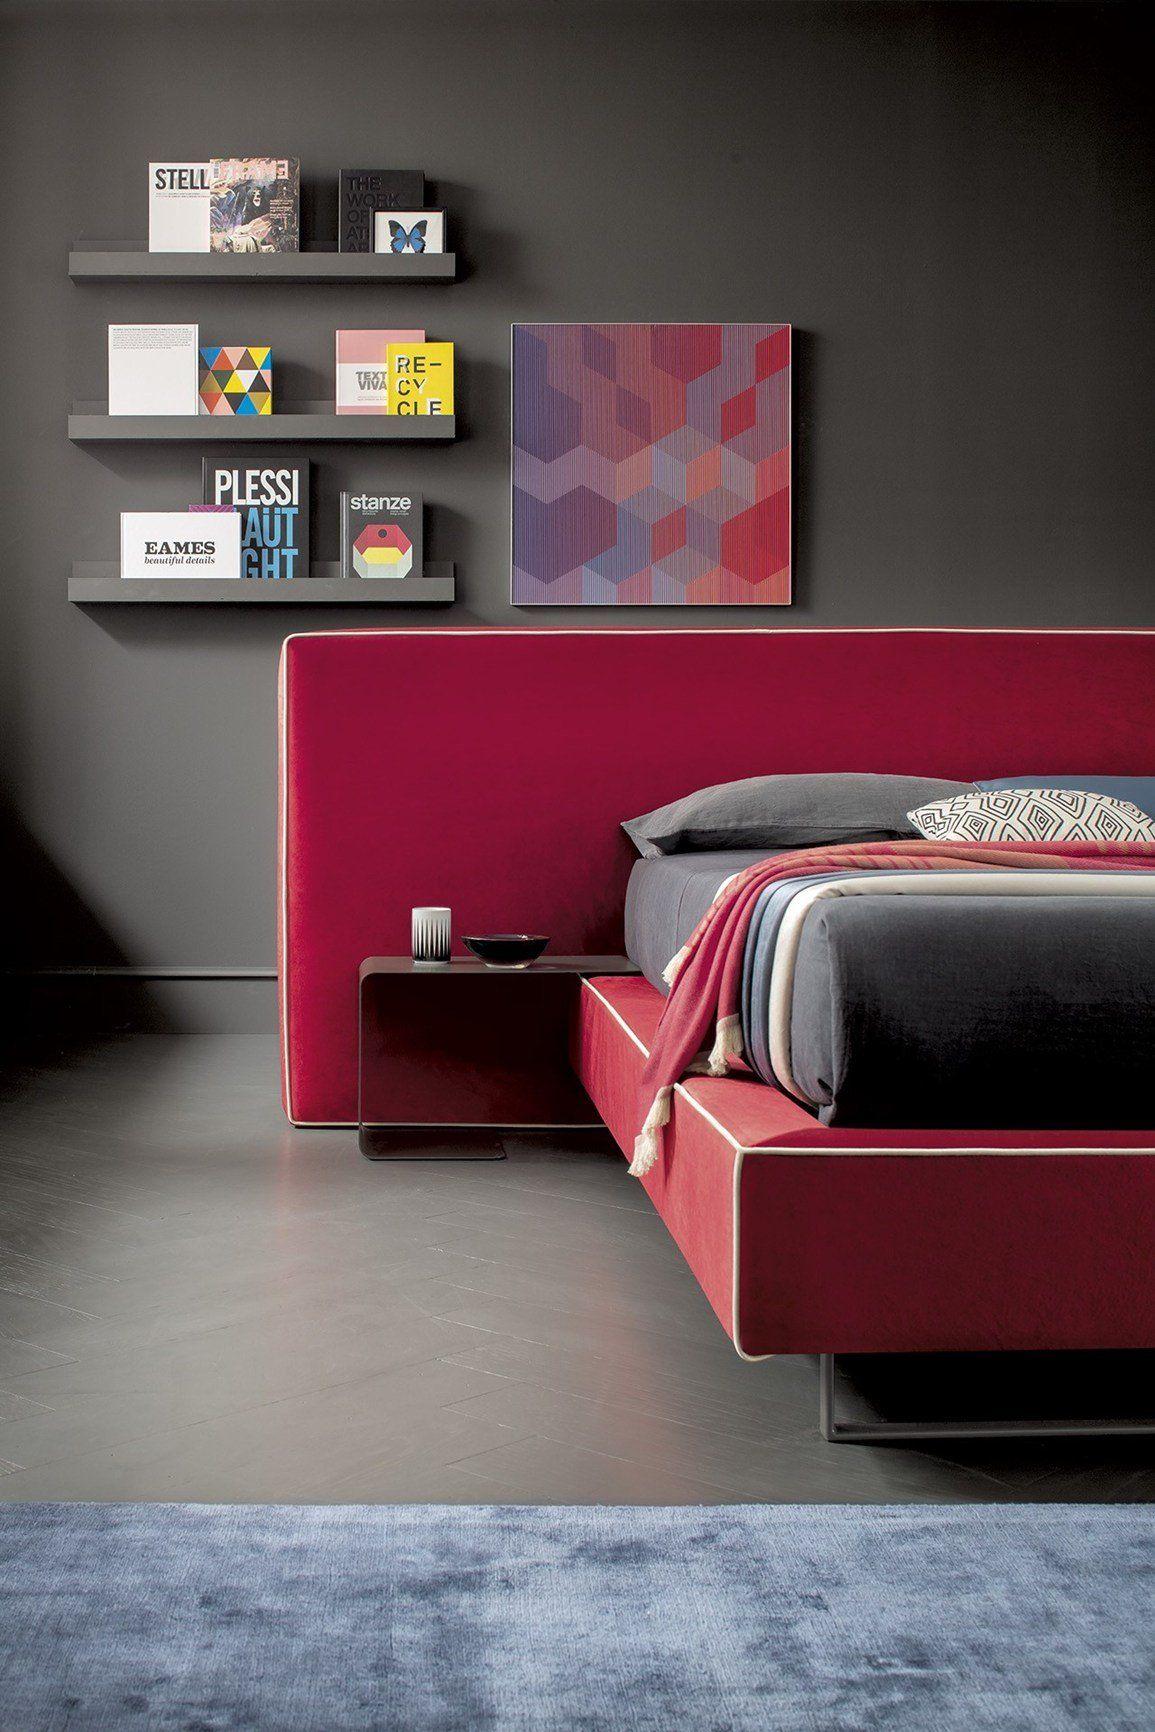 La testiera del letto diventa extra large - Posizioni nuove a letto ...